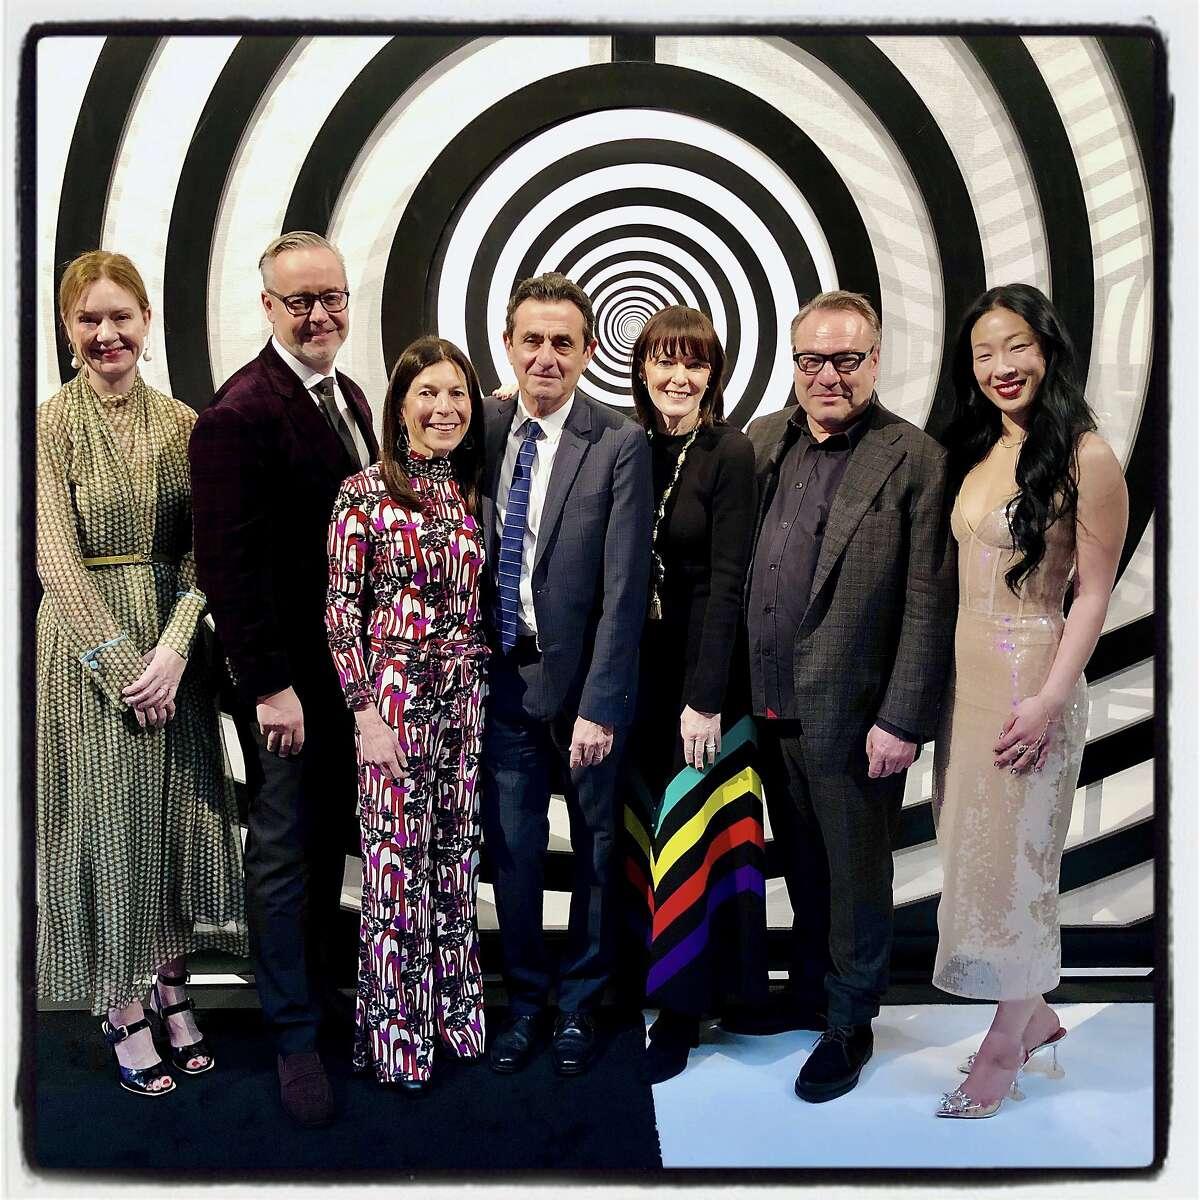 Team FOG (from left) Katie Paige, Douglas Durkin, Susan Swig, Neal Benezra, Allison Speer, Stanlee Gatti and Sonya Yu. Jan. 15, 2020